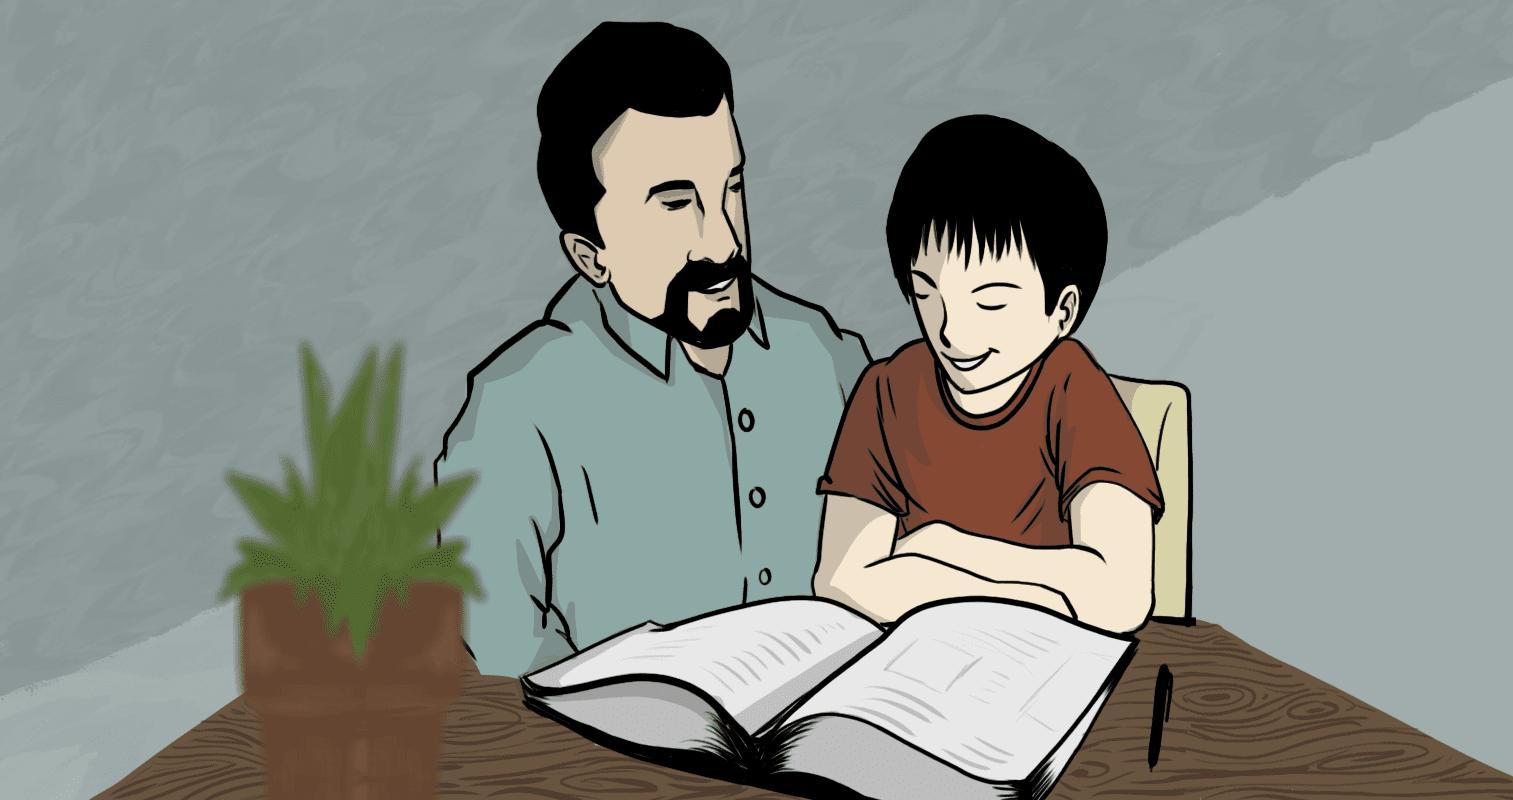 Ketika Guru Mengutuk dan Menghancurkan Semangat Belajar Muridnya